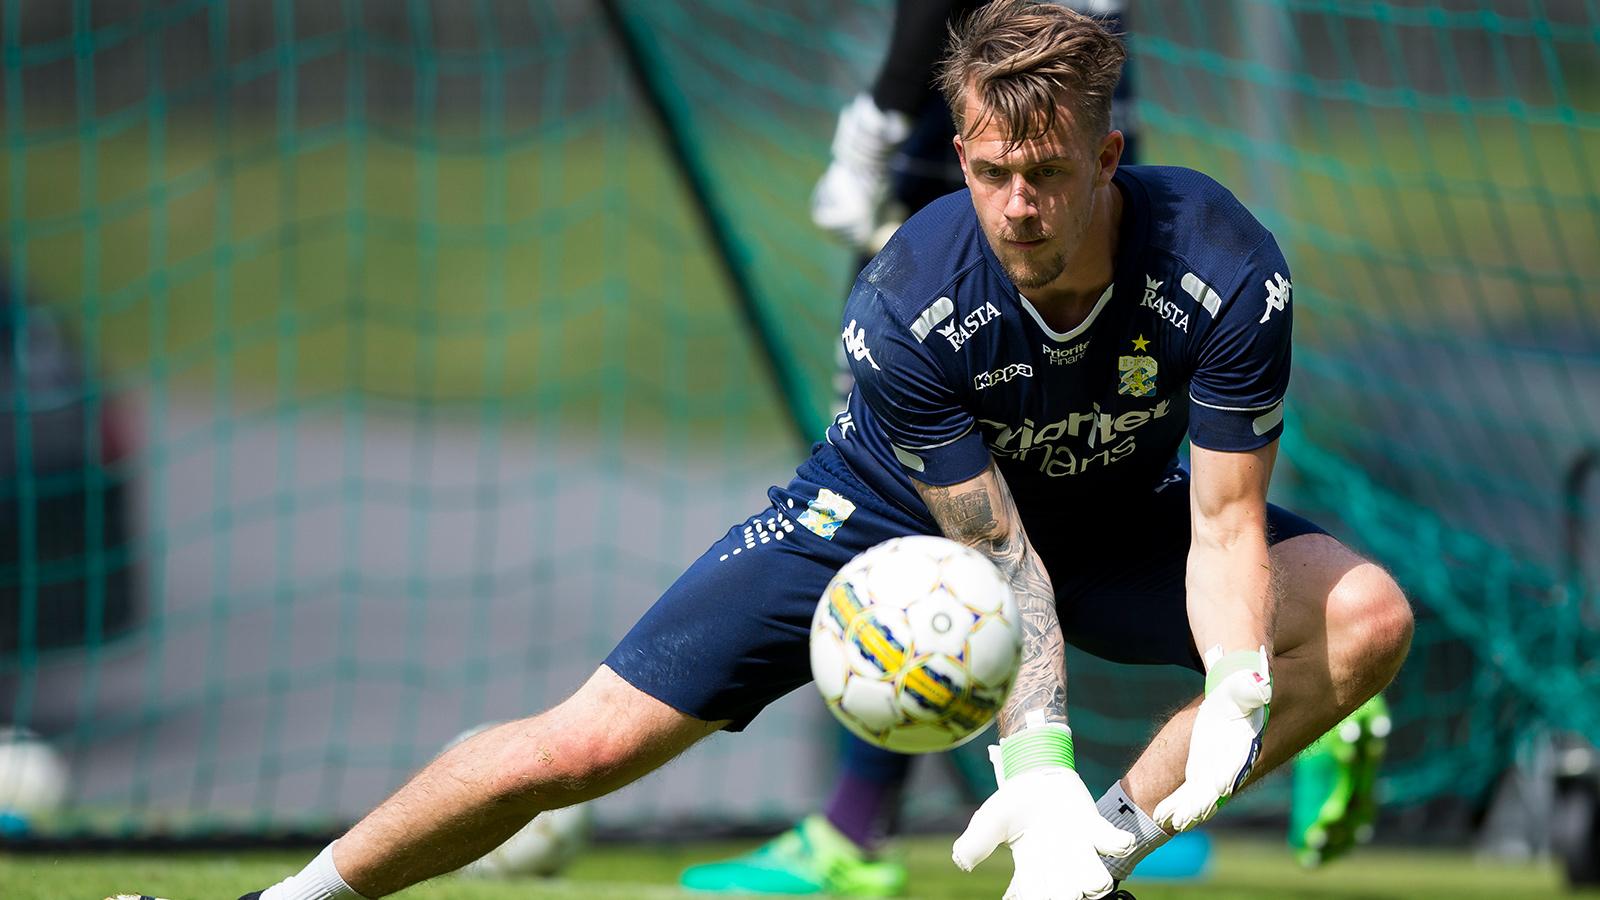 170709 IFK Göteborgs målvakt Erik Dahlin under en träning med IFK Göteborg den 9 juli 2017 i Göteborg.